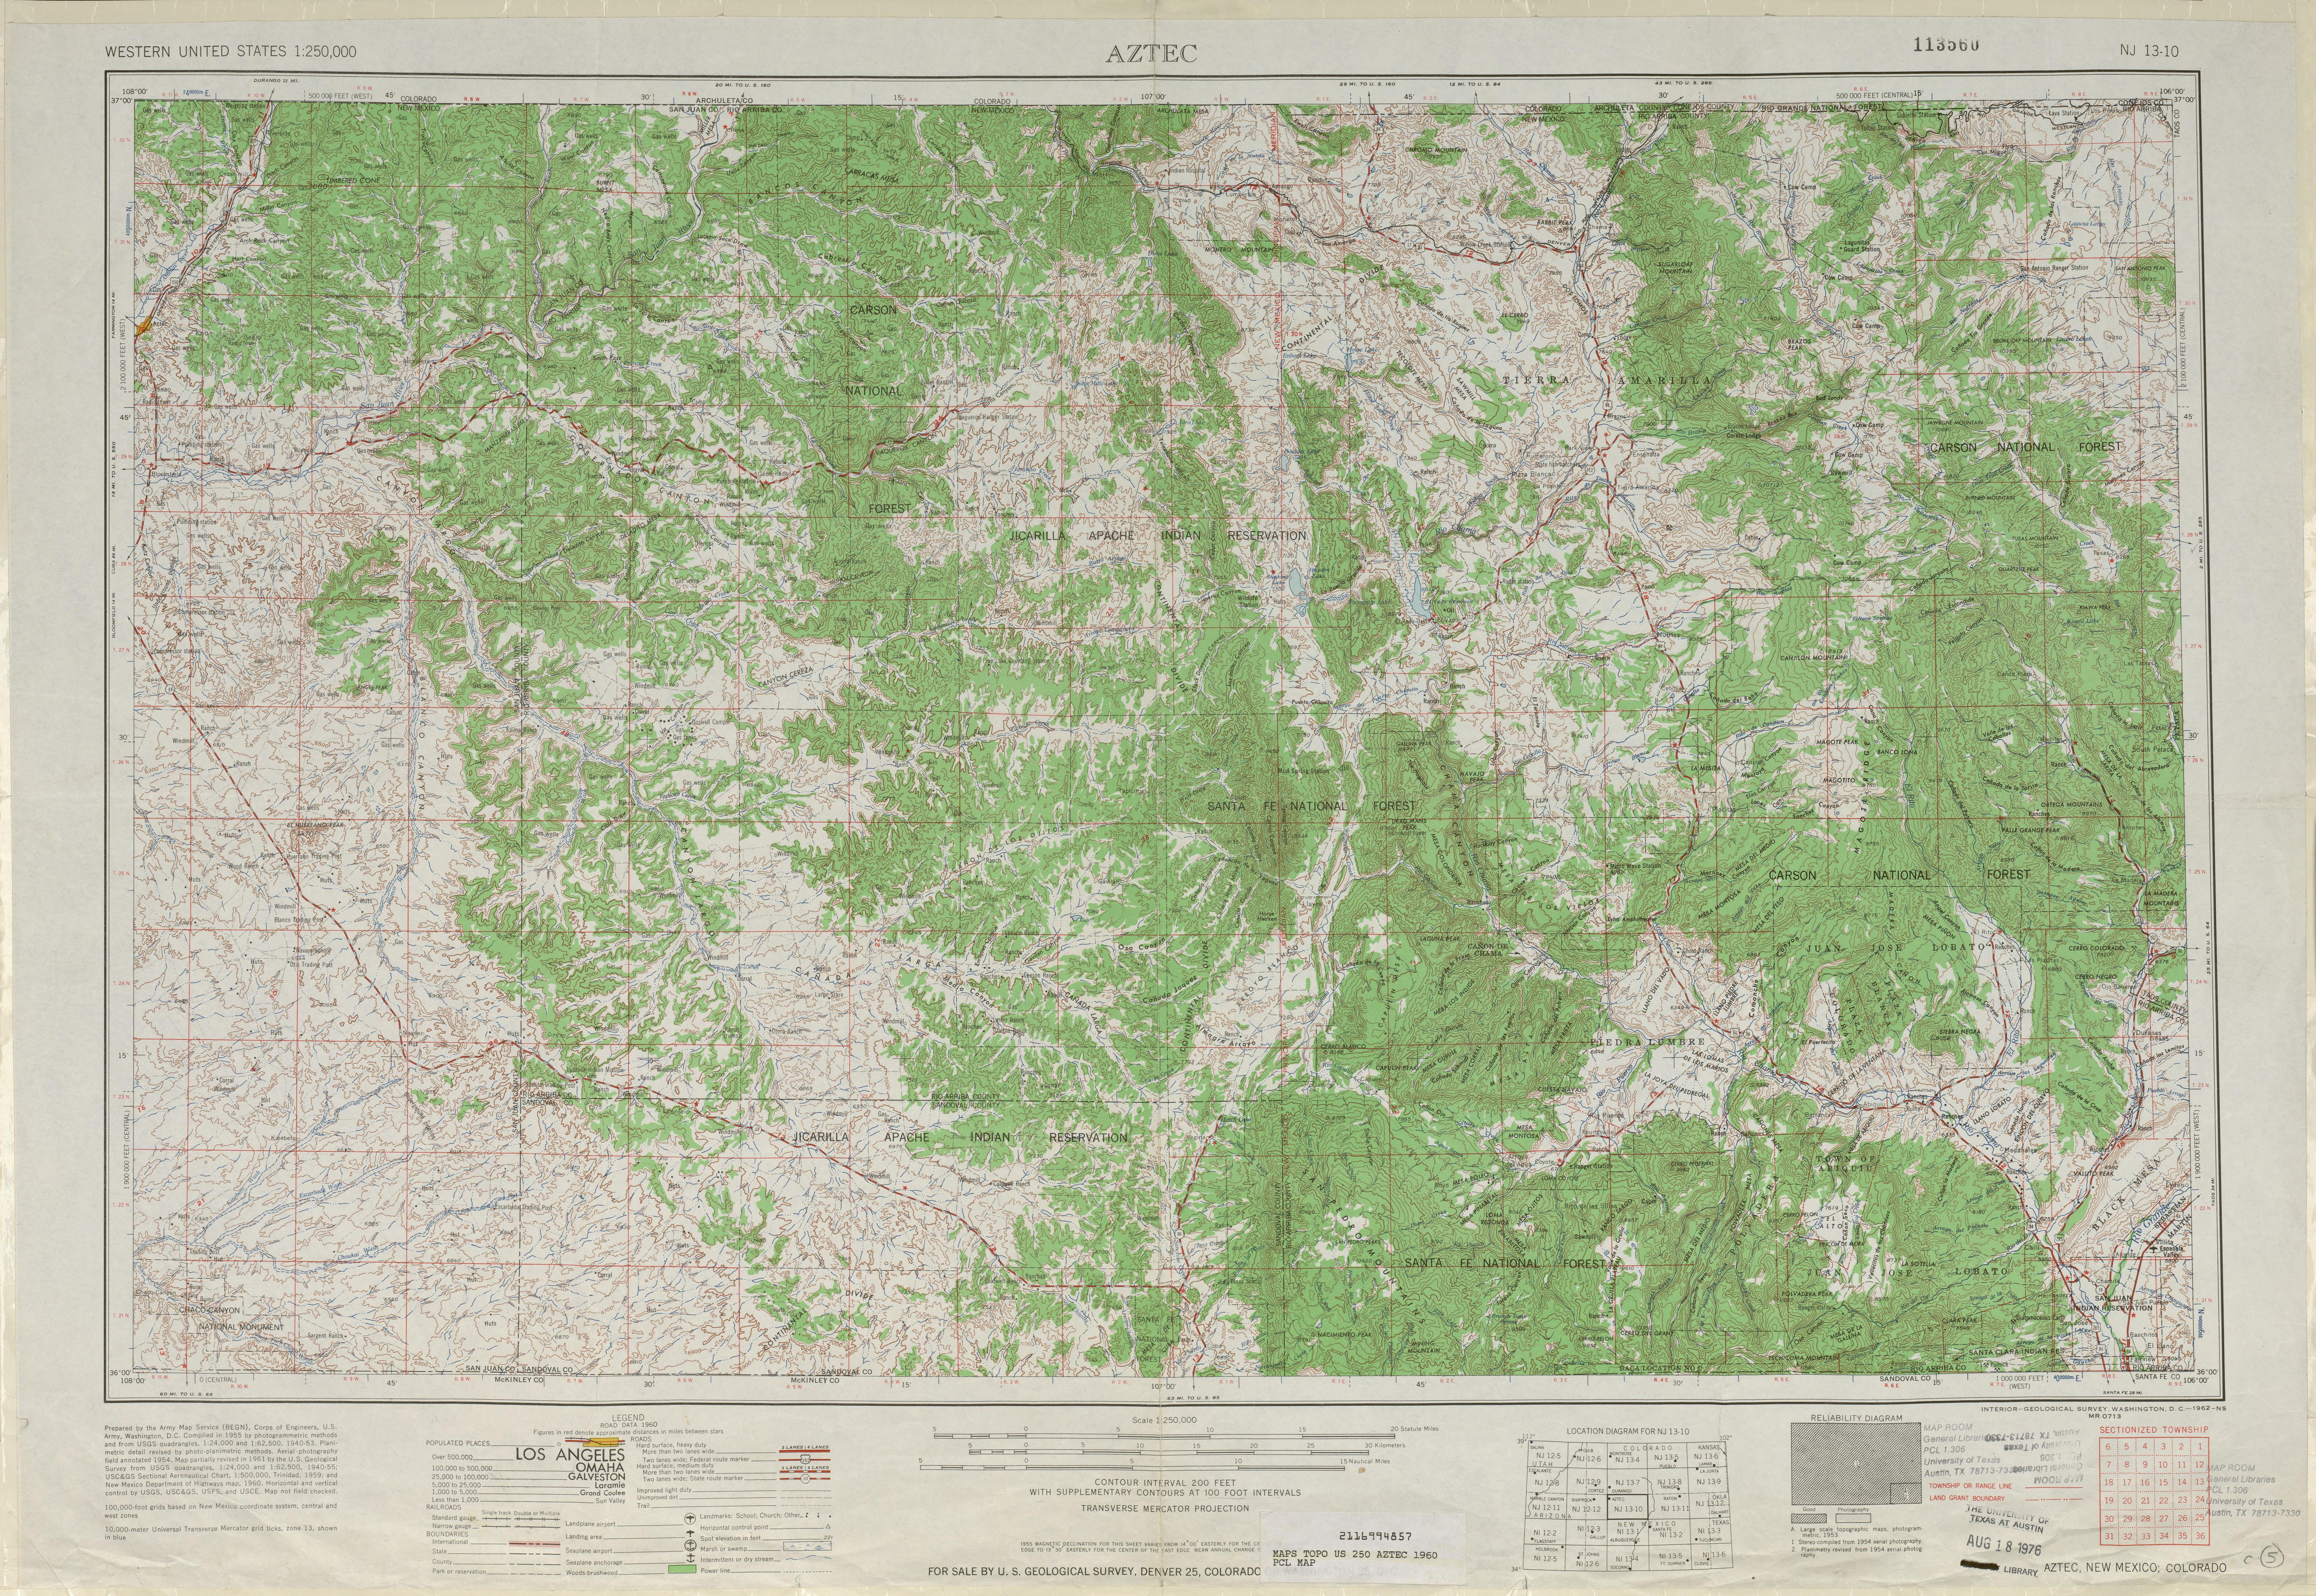 Hoja Aztec del Mapa Topográfico de los Estados Unidos 1960